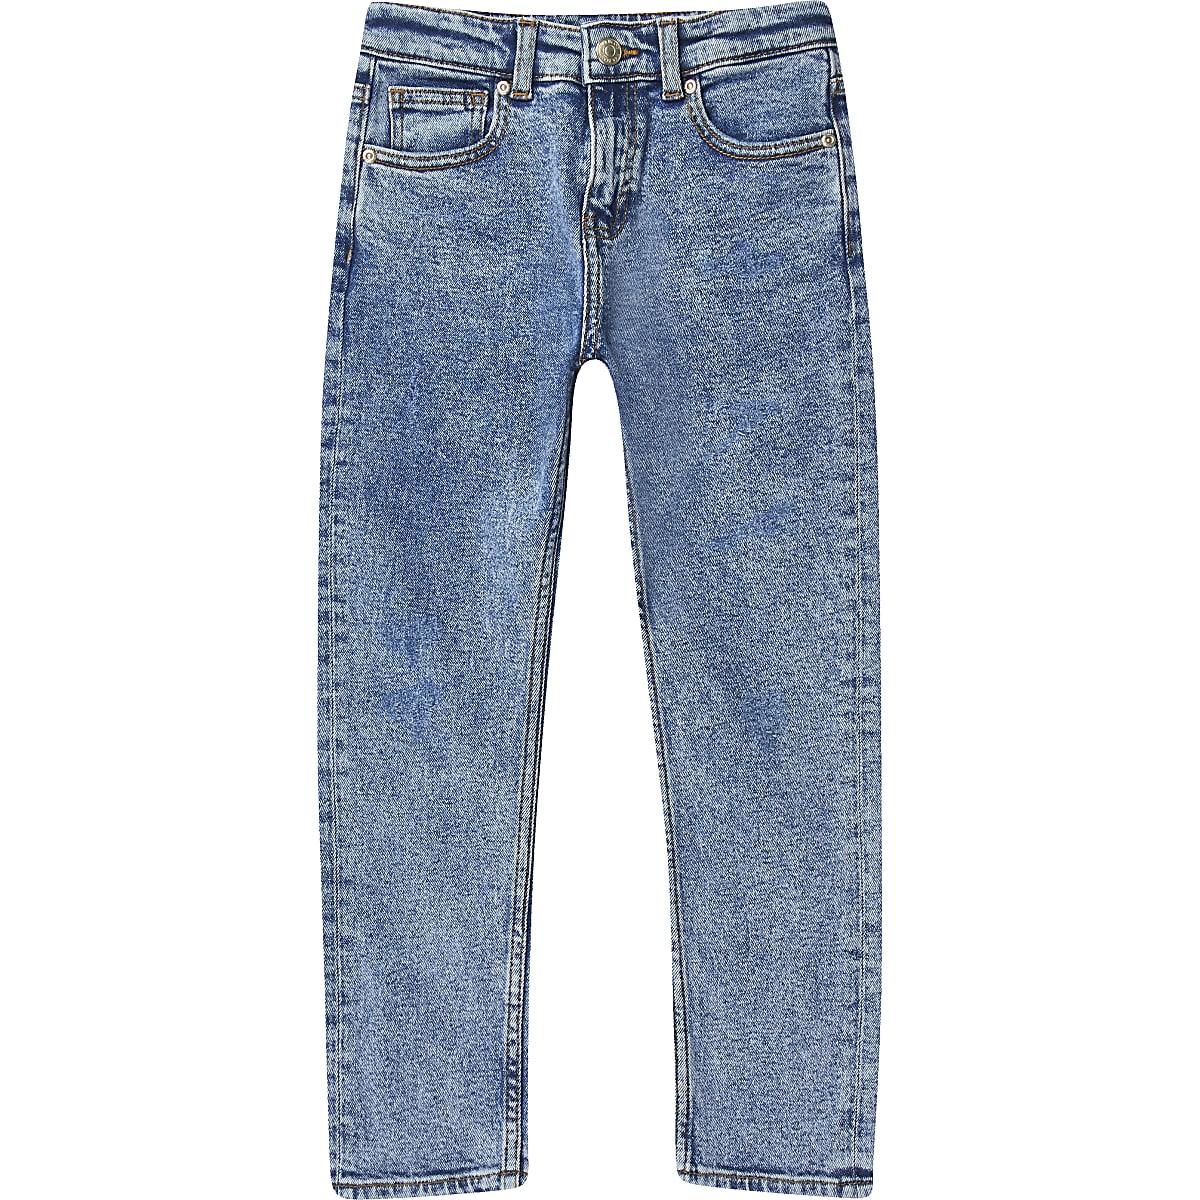 Boys mid blue acid wash Jake jeans